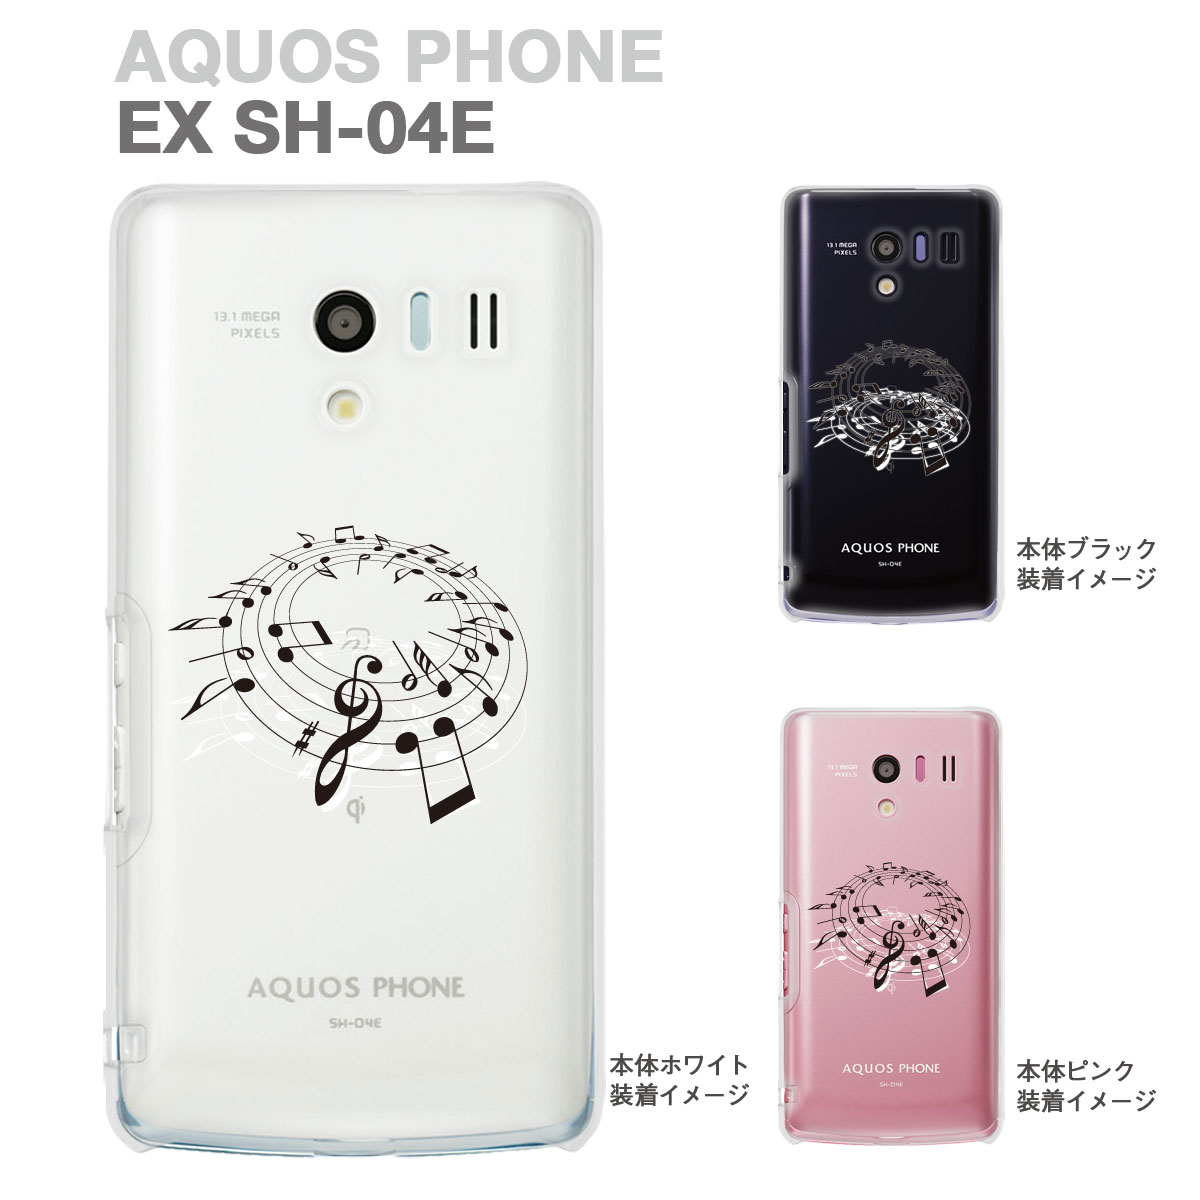 スマートフォン・携帯電話用アクセサリー, ケース・カバー AQUOS PHONE EX SH-04EIGZO 09-sh04e-mu0004